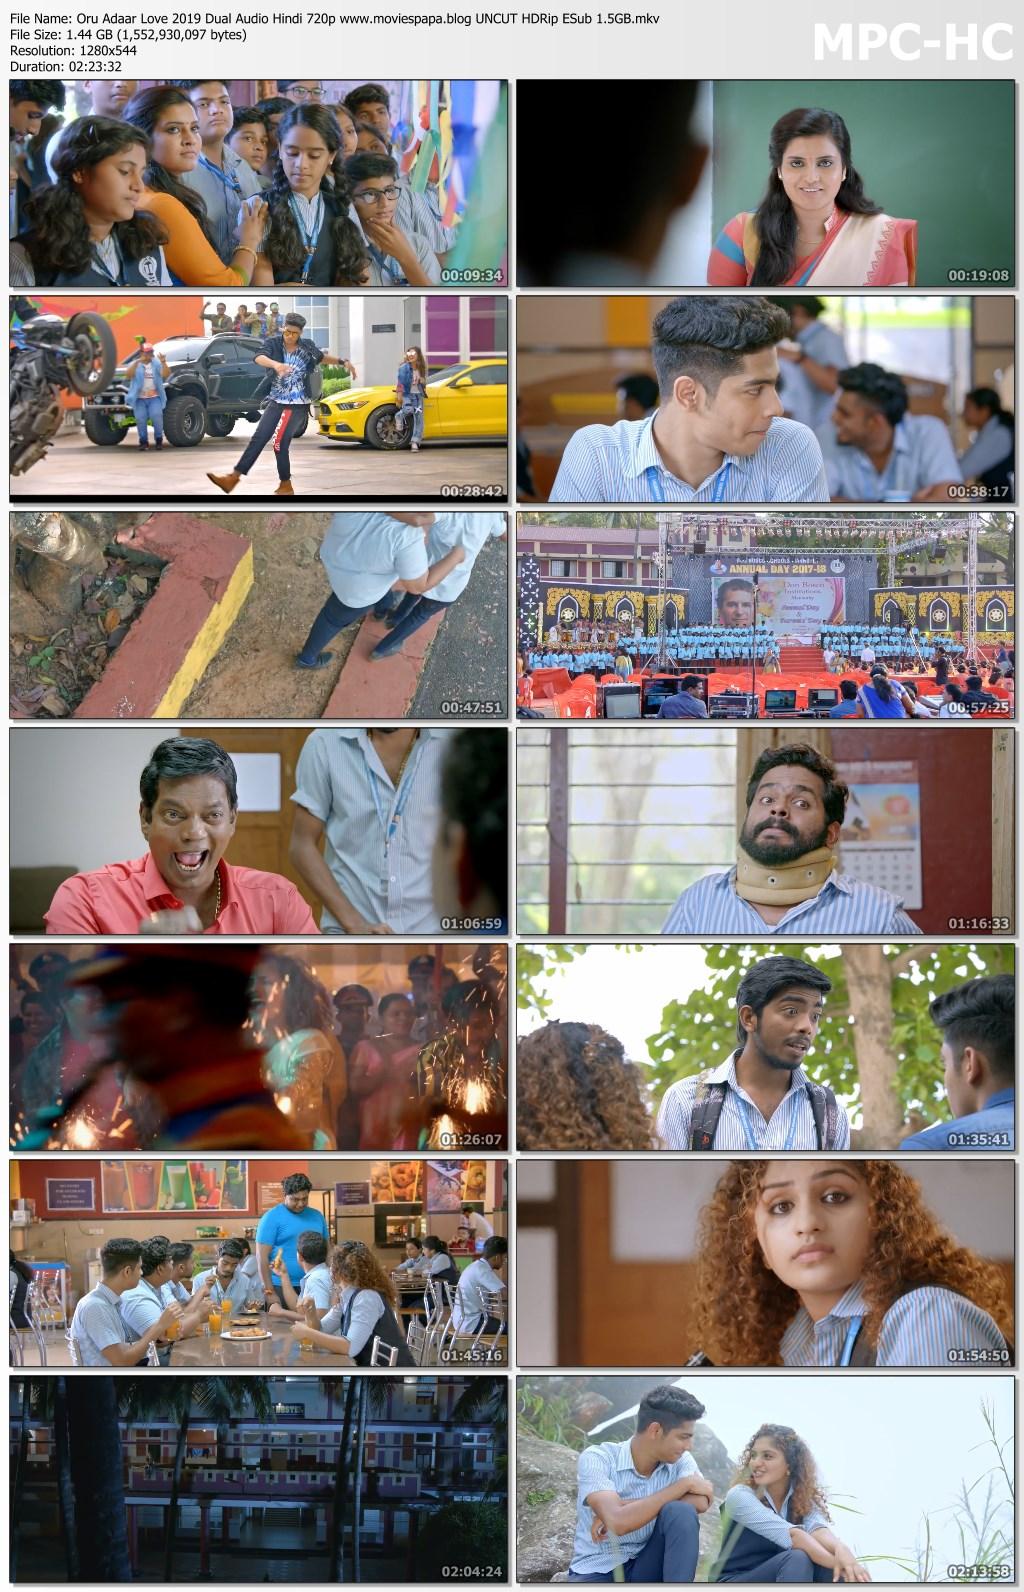 Oru Adaar Love 2019 screenshot HDMoviesFair